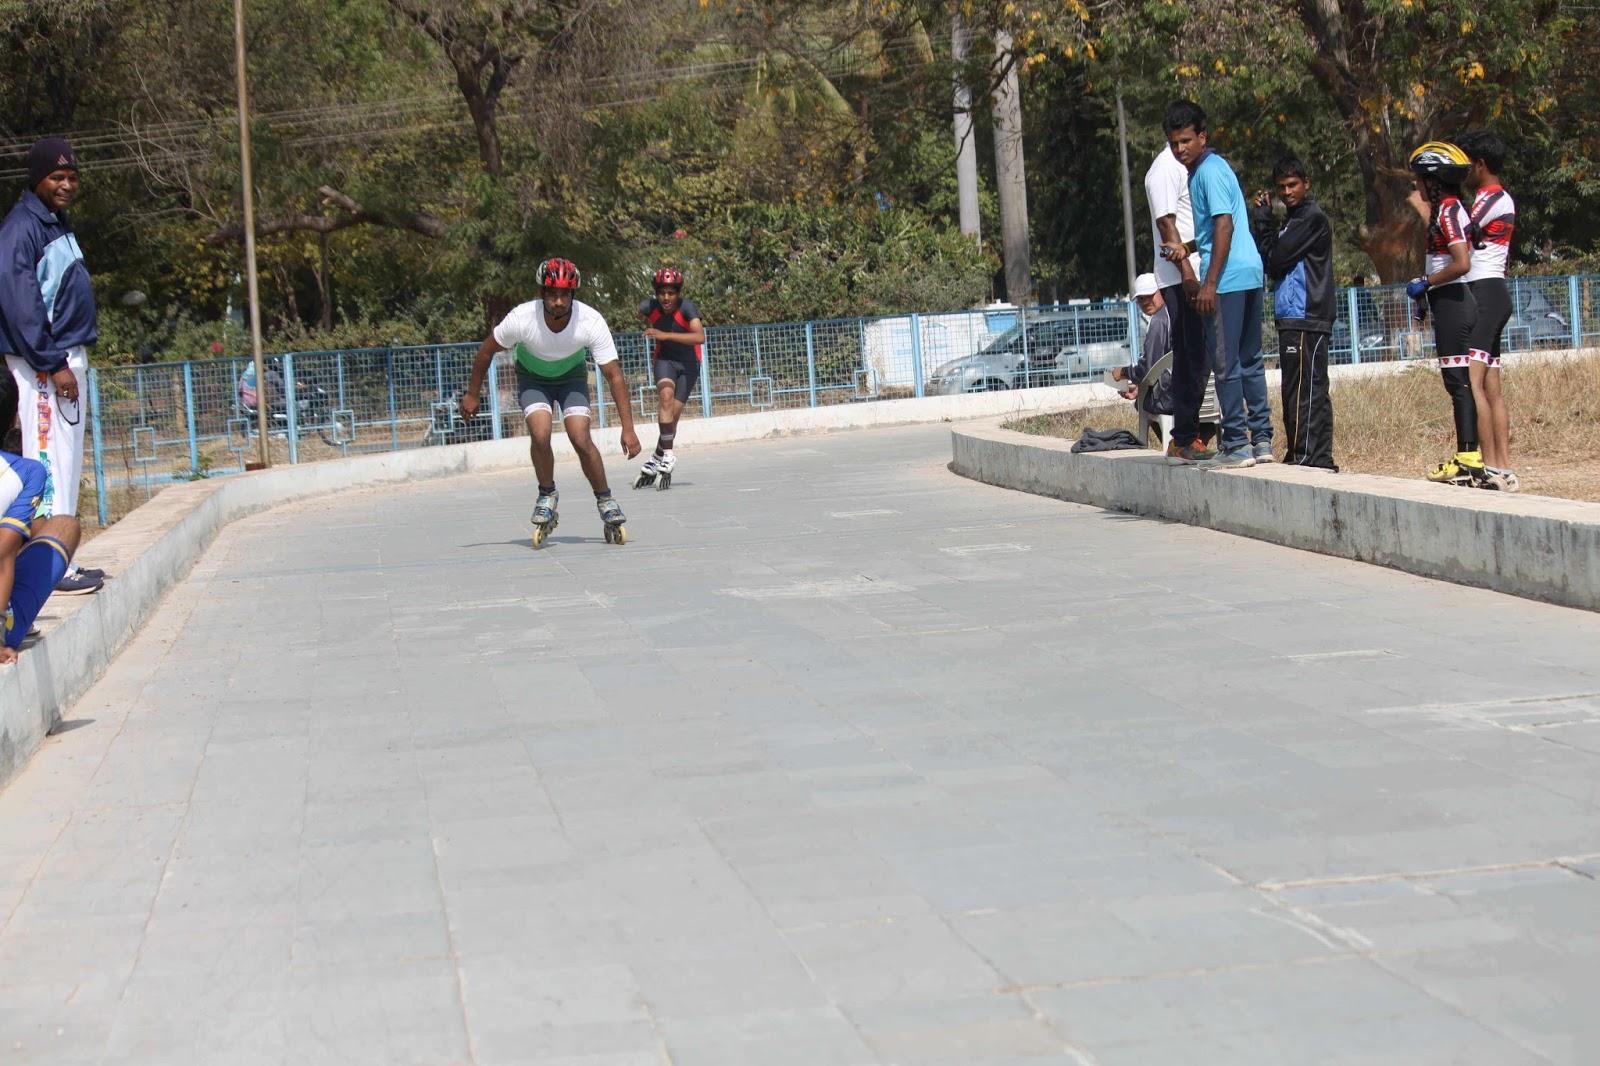 skating classes at rajendranagar in hyderabad cheap speed skates quad roller skates skateboard buy skateboard price buy roller